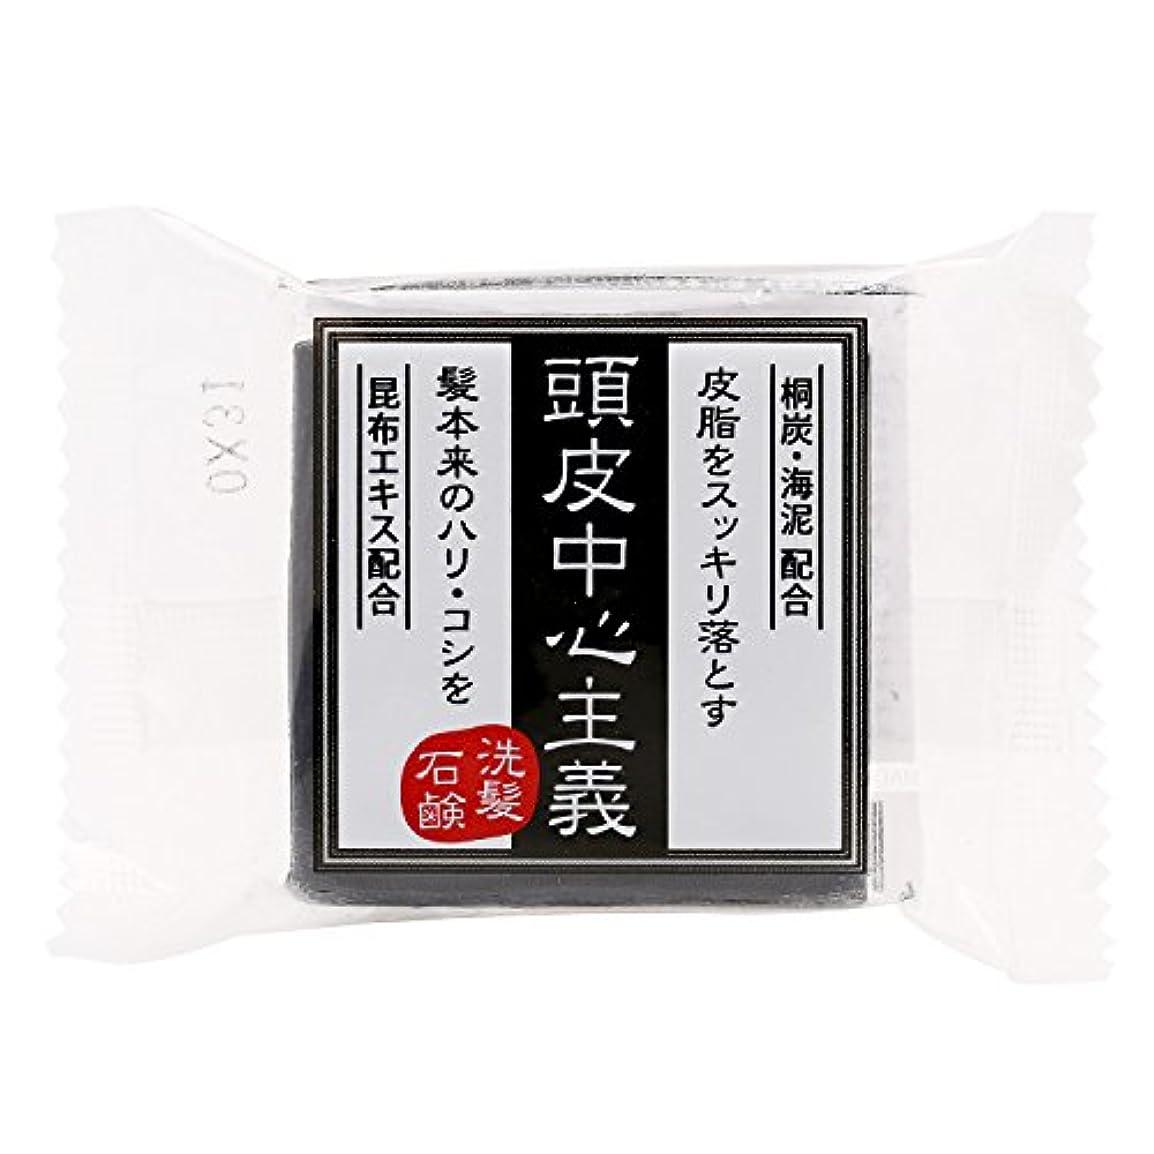 敷居加速度正確な菊星 頭皮中心主義 洗髪石鹸 30g